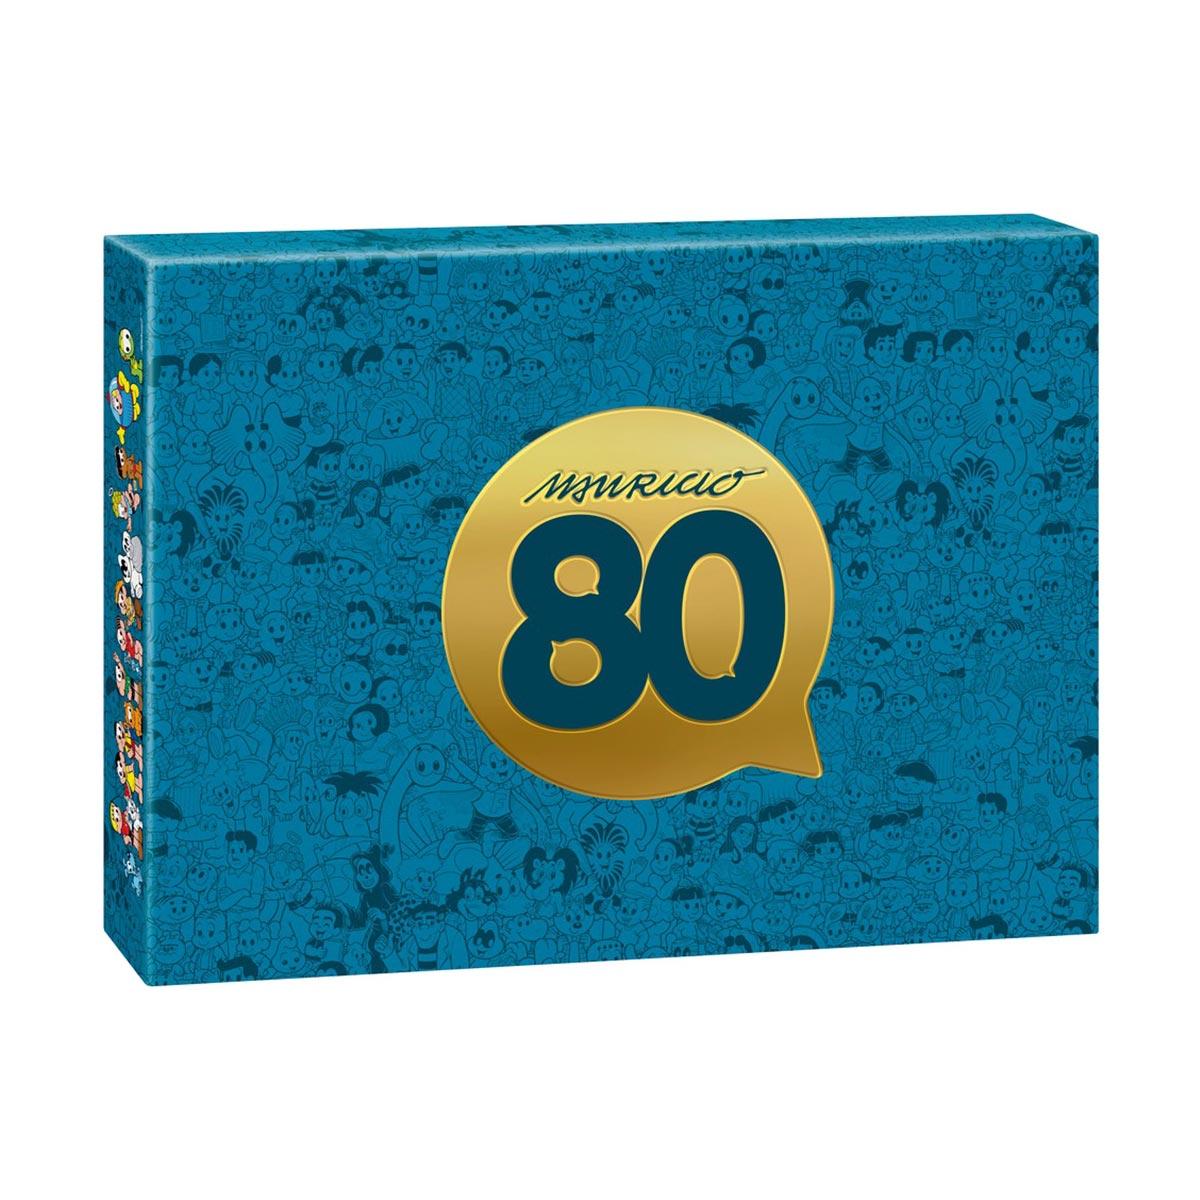 DVD Box Maurício de Sousa 80 Anos